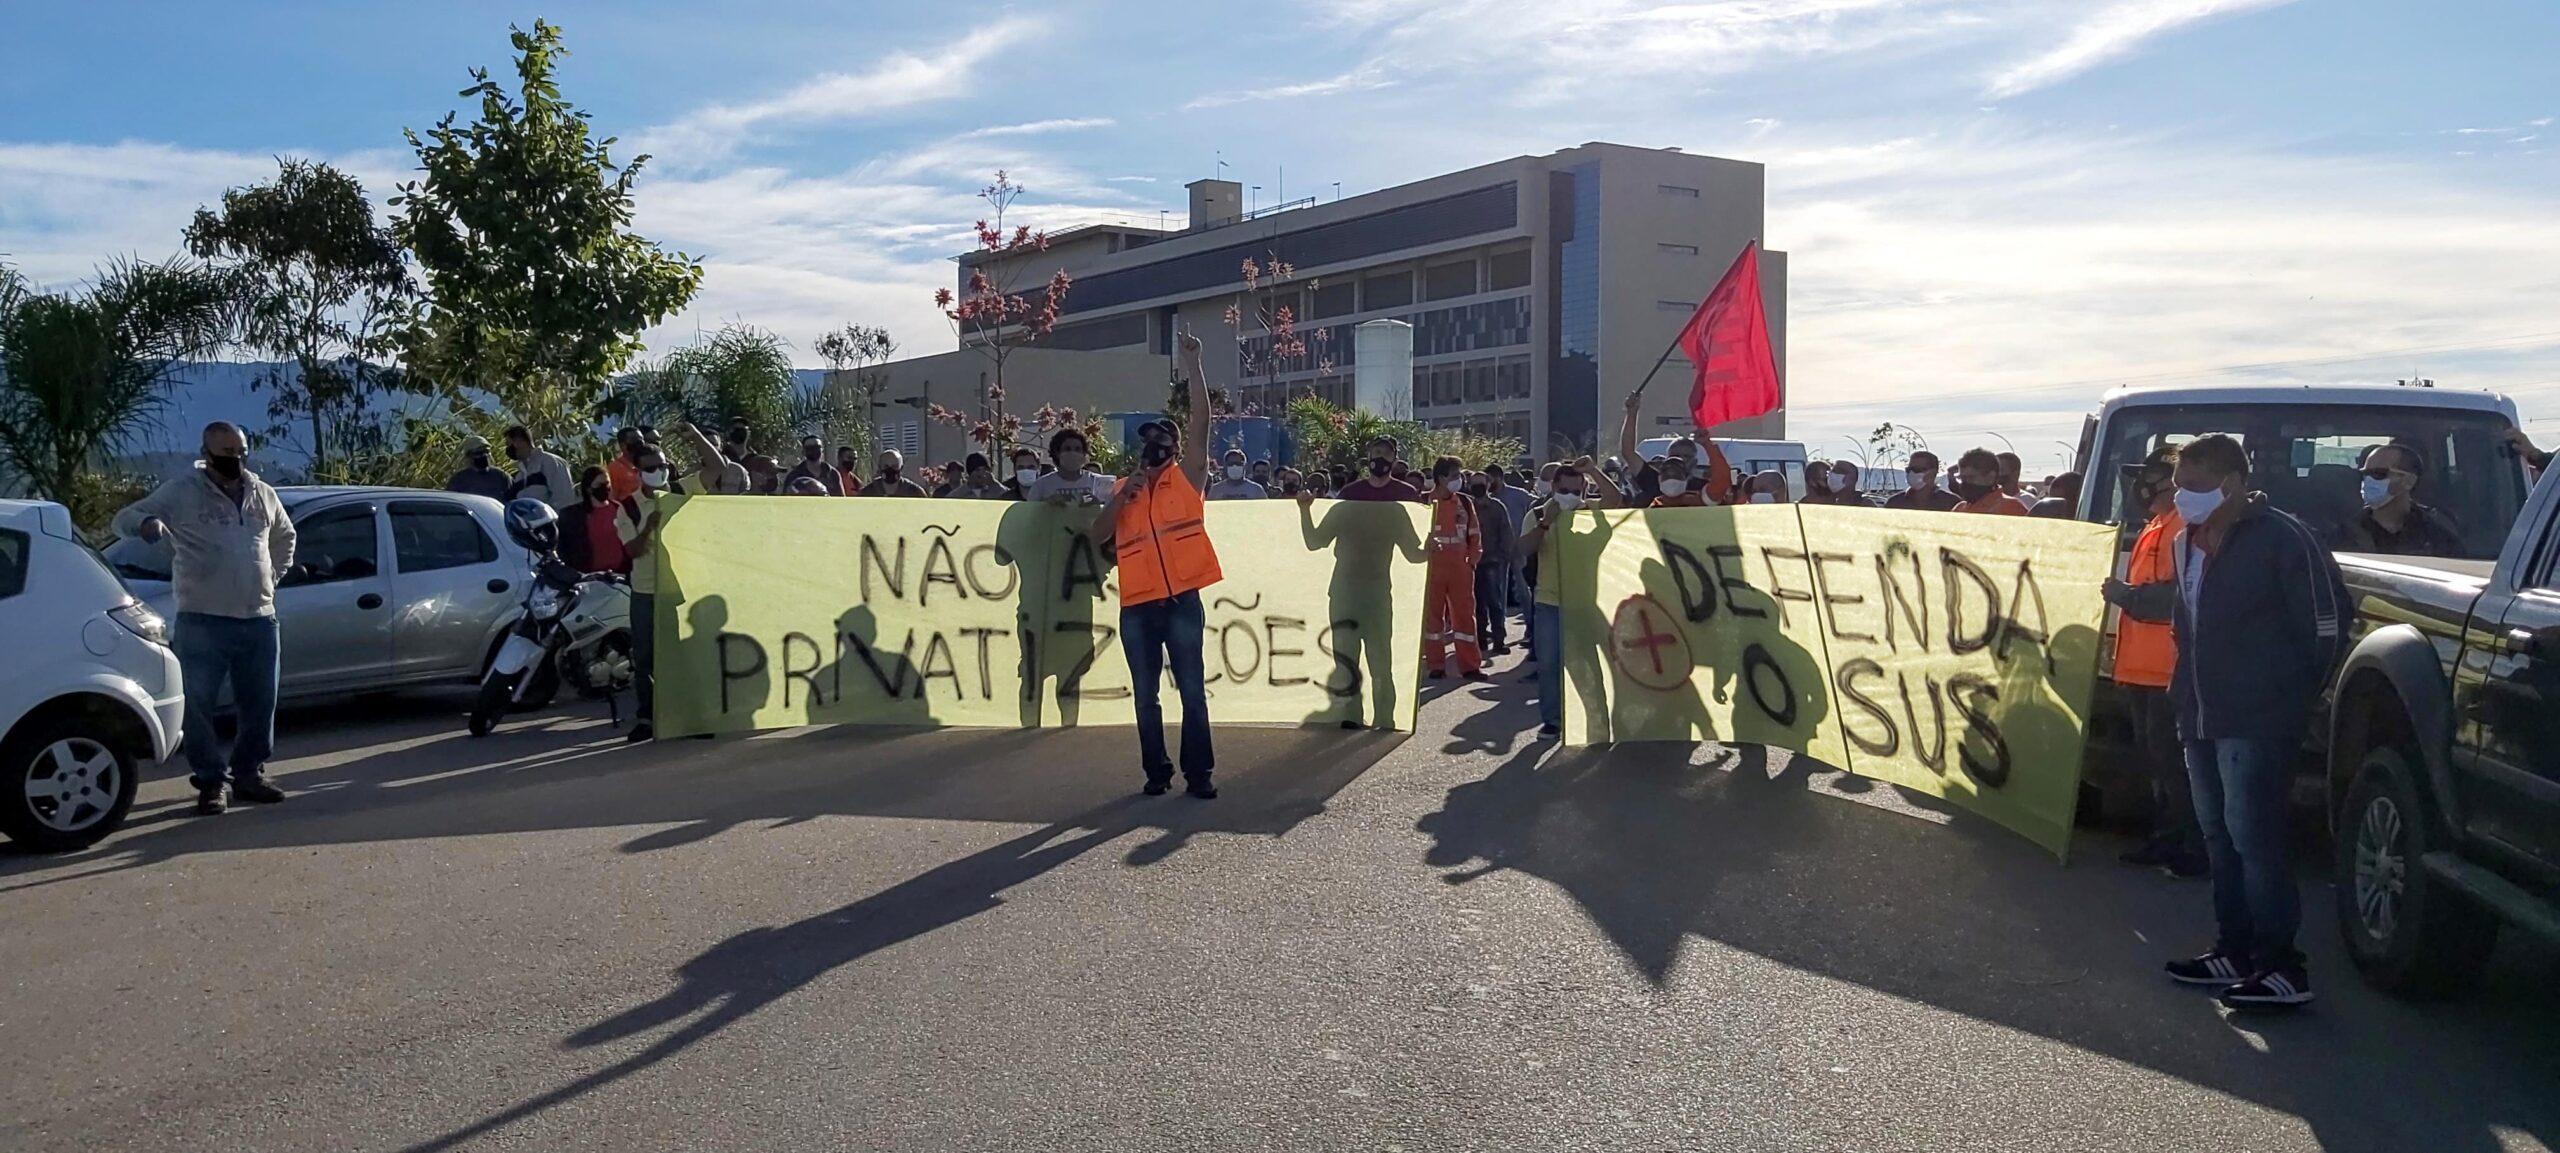 24 de maio: Dia Nacional de Mobilização em defesa da Petrobrás Biocombustíveis